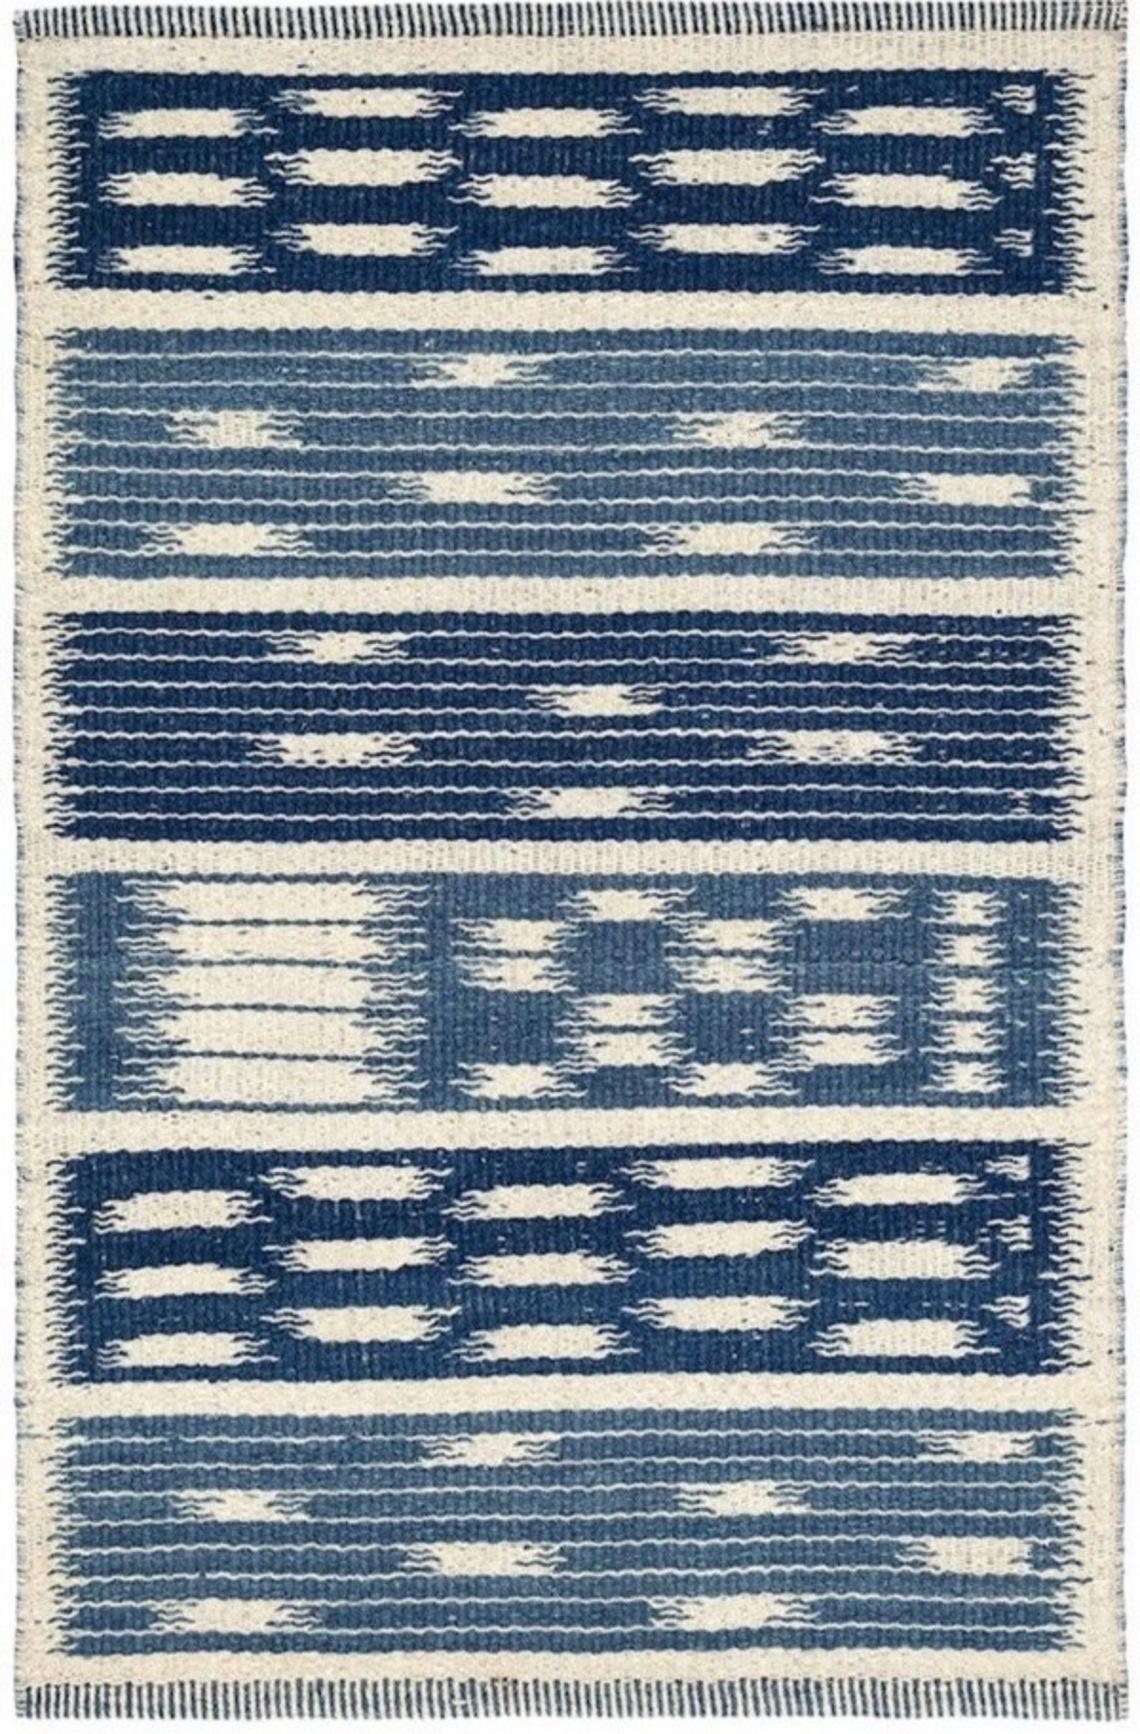 Kasuri wool rug designed by Mark Sikes